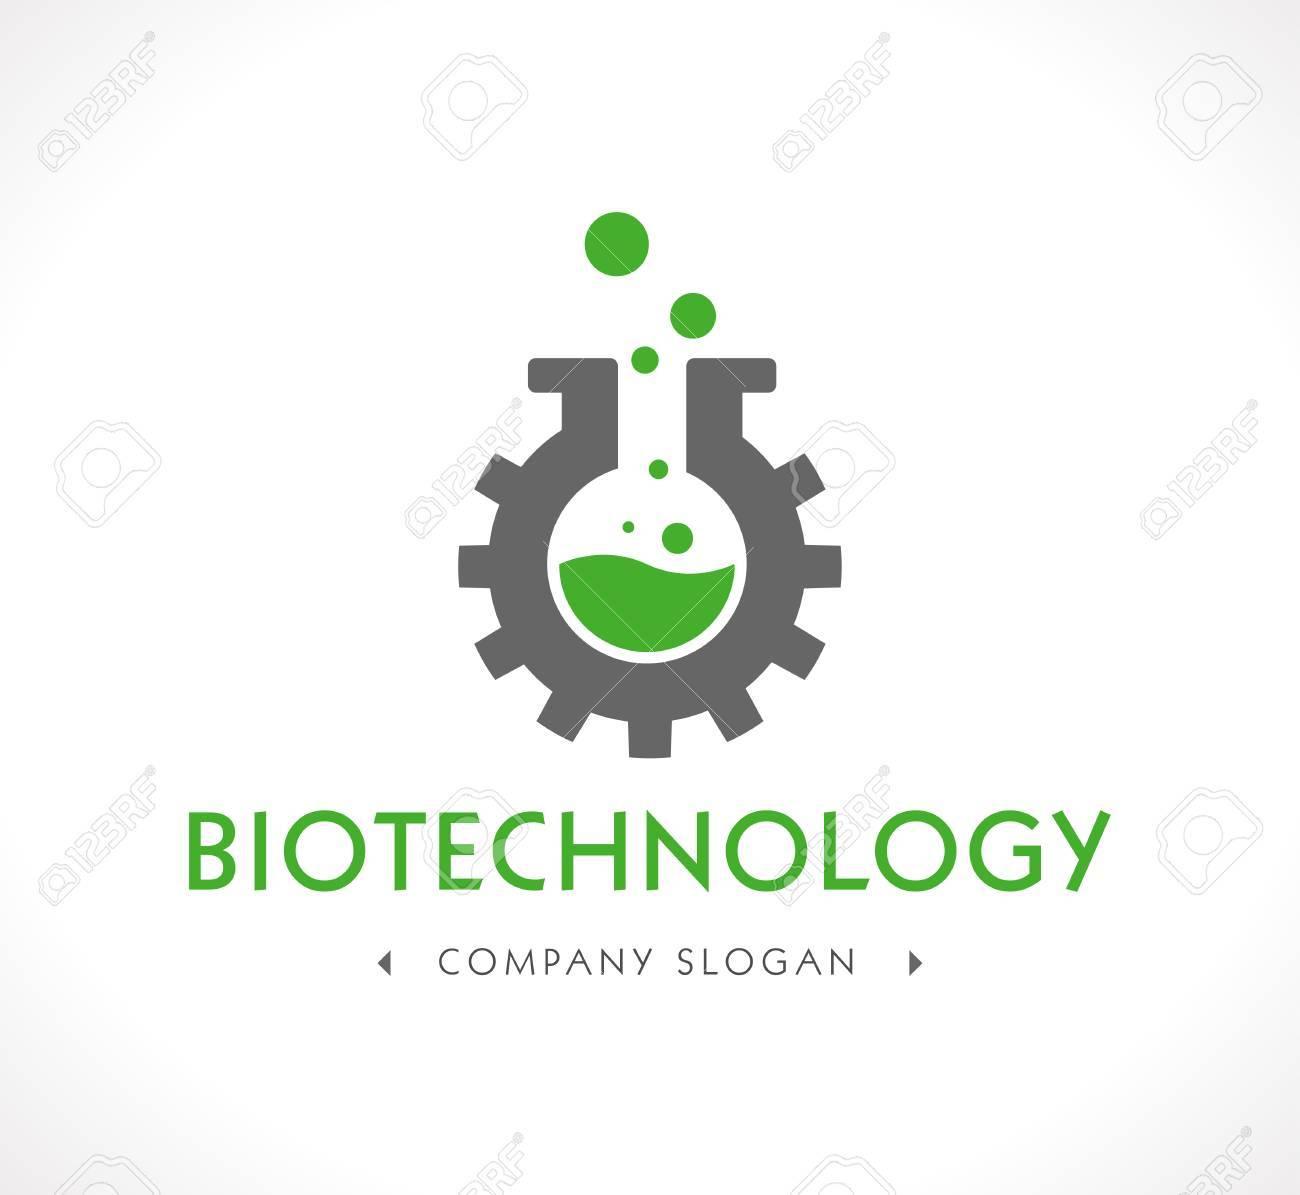 Logo - Biotechnology - 48539089